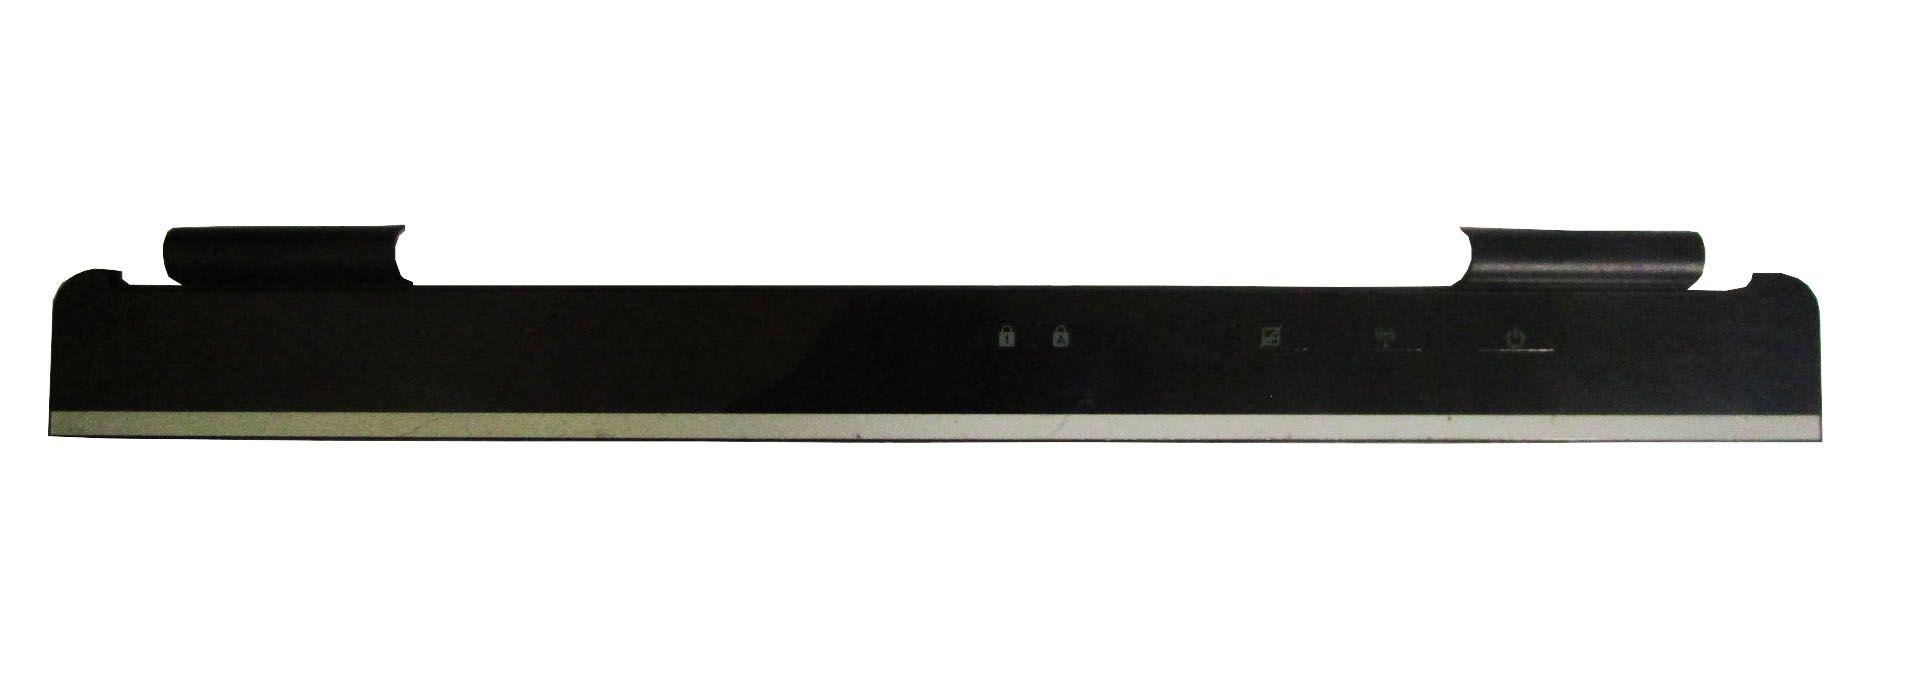 Régua Do Botão Power Notebook Positivo Sim+ 4025 P/N: 13n0-dea0y01 (semi novo)